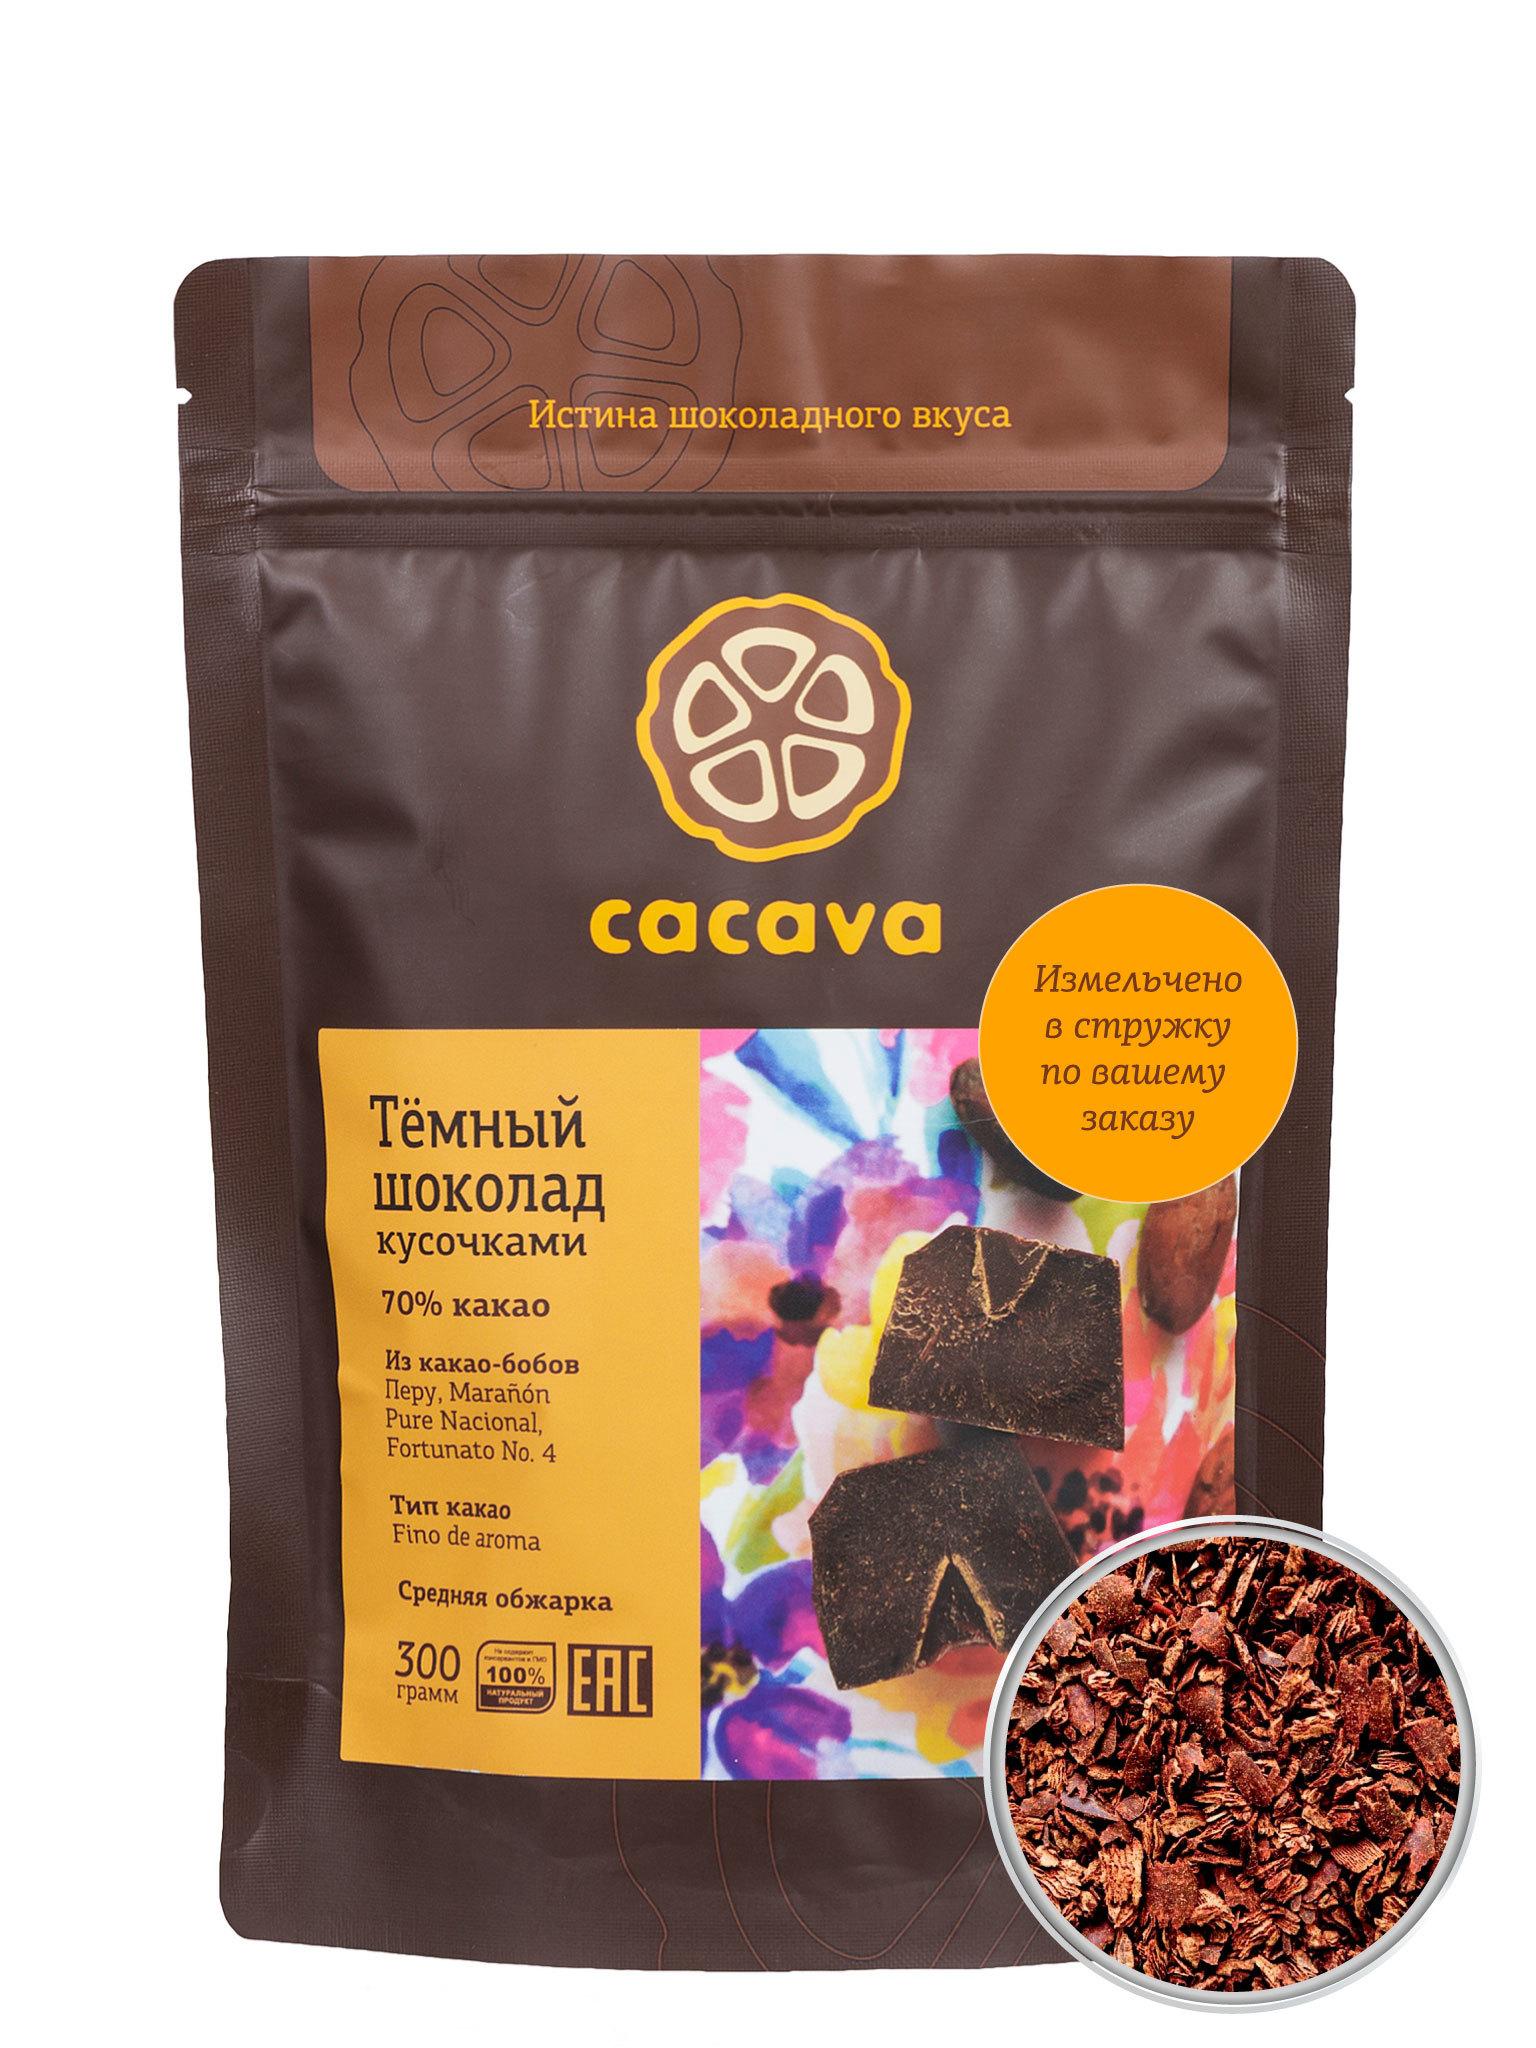 Тёмный шоколад 70% какао в стружке (Перу, Marañón), упаковка 300 грамм